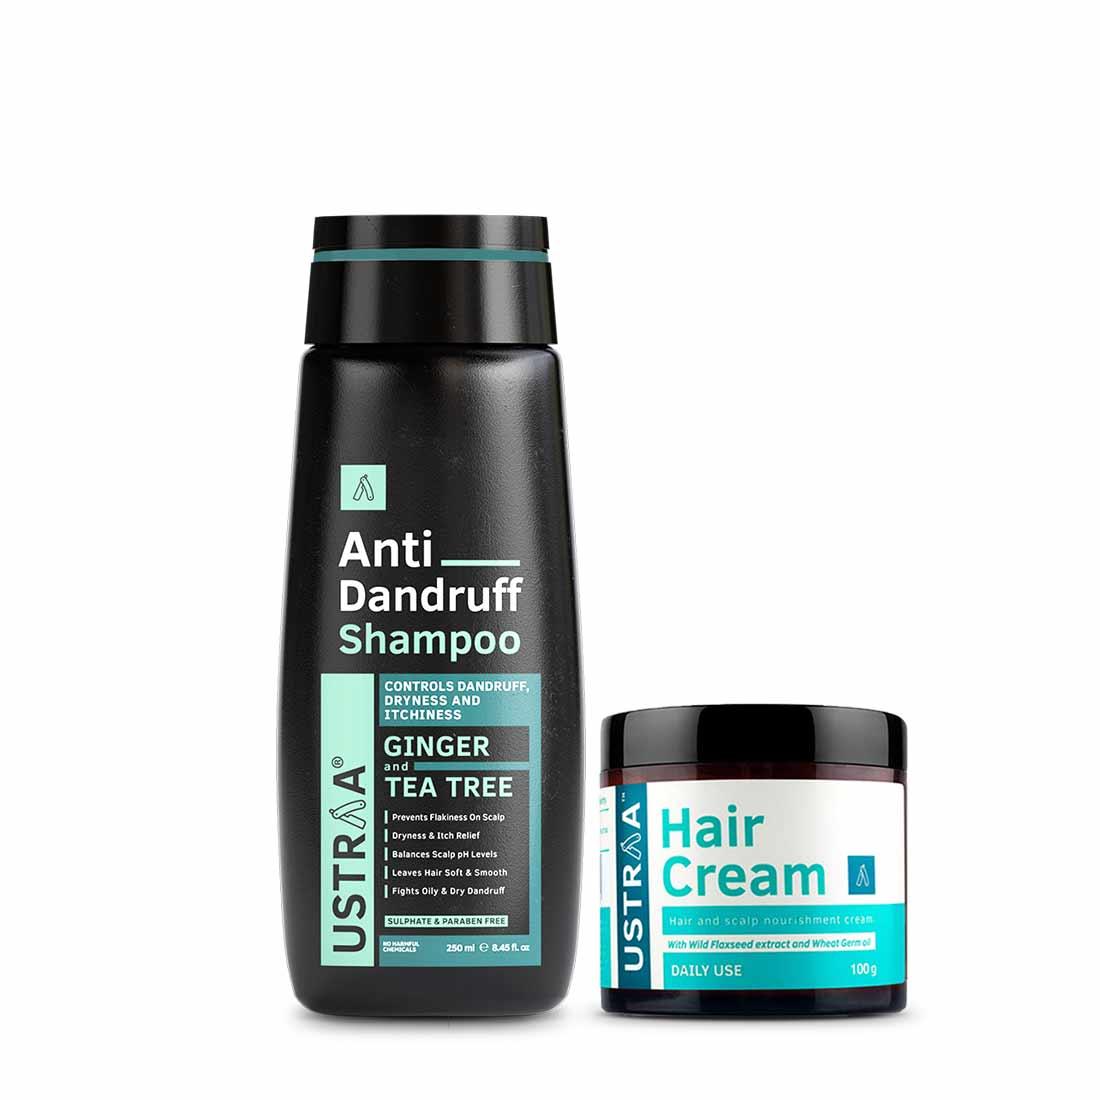 Anti Dandruff Hair Shampoo & Daily Use Hair Cream